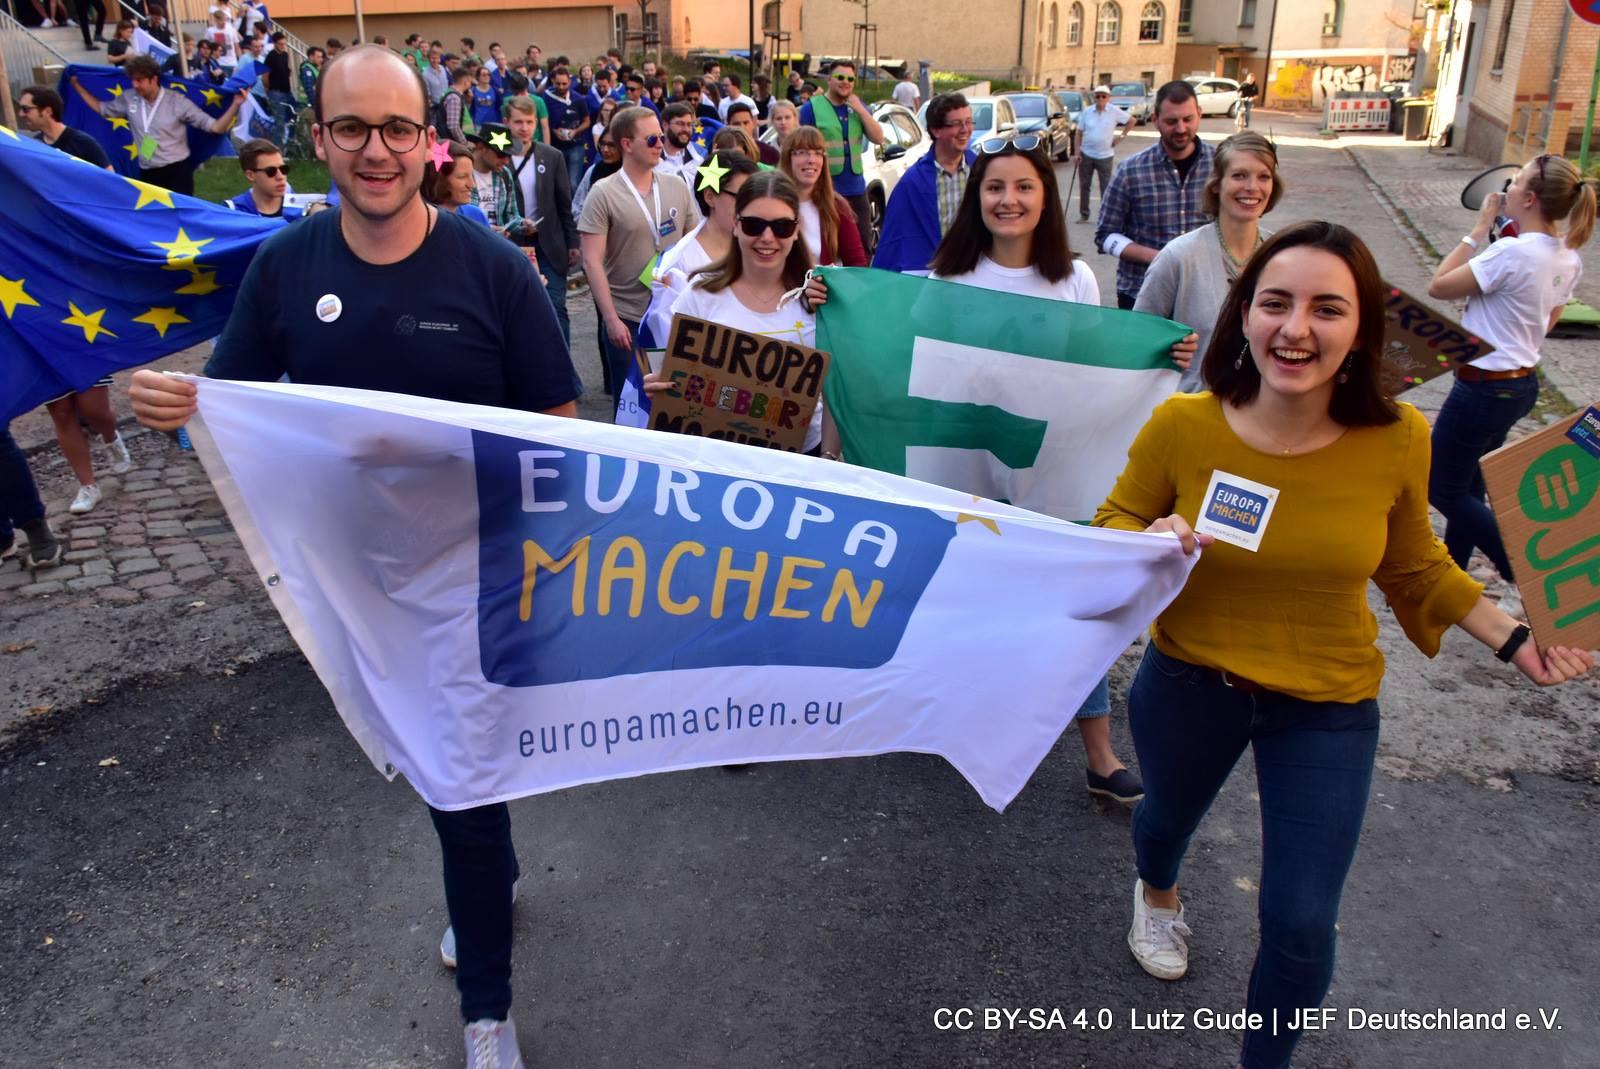 Das Narrativ der starken Nation überwinden, um die Zukunft zu gestalten #europamachen